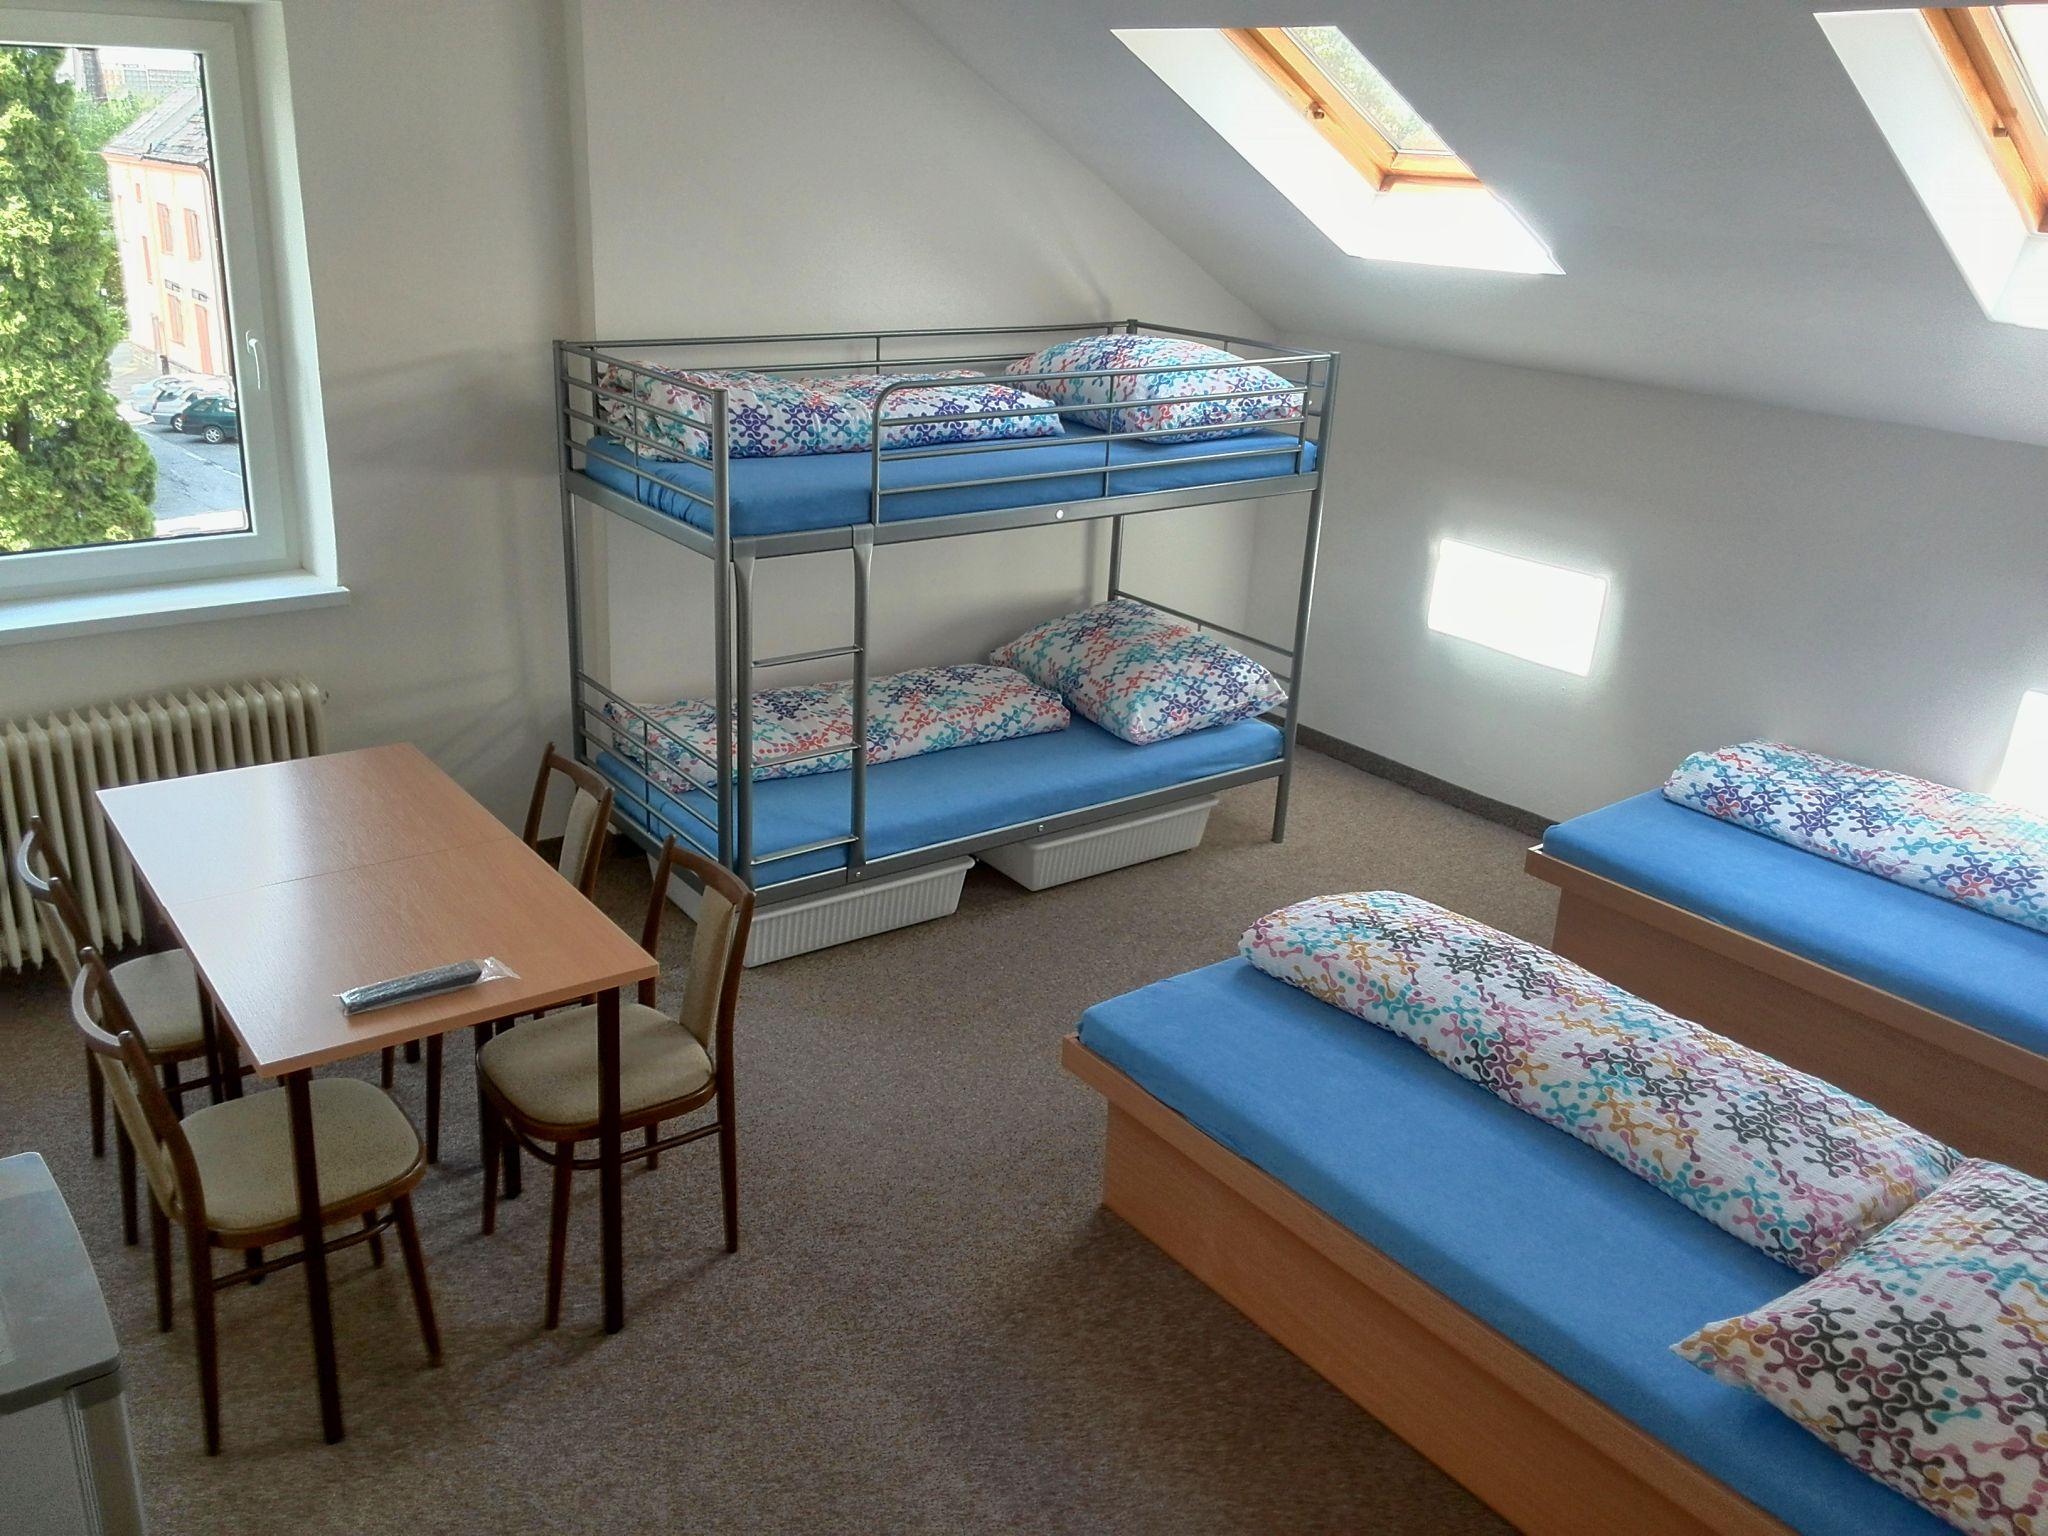 Ubytovna Frýdečanka 4-lůžkový pokoj ve Frýdku-Místku